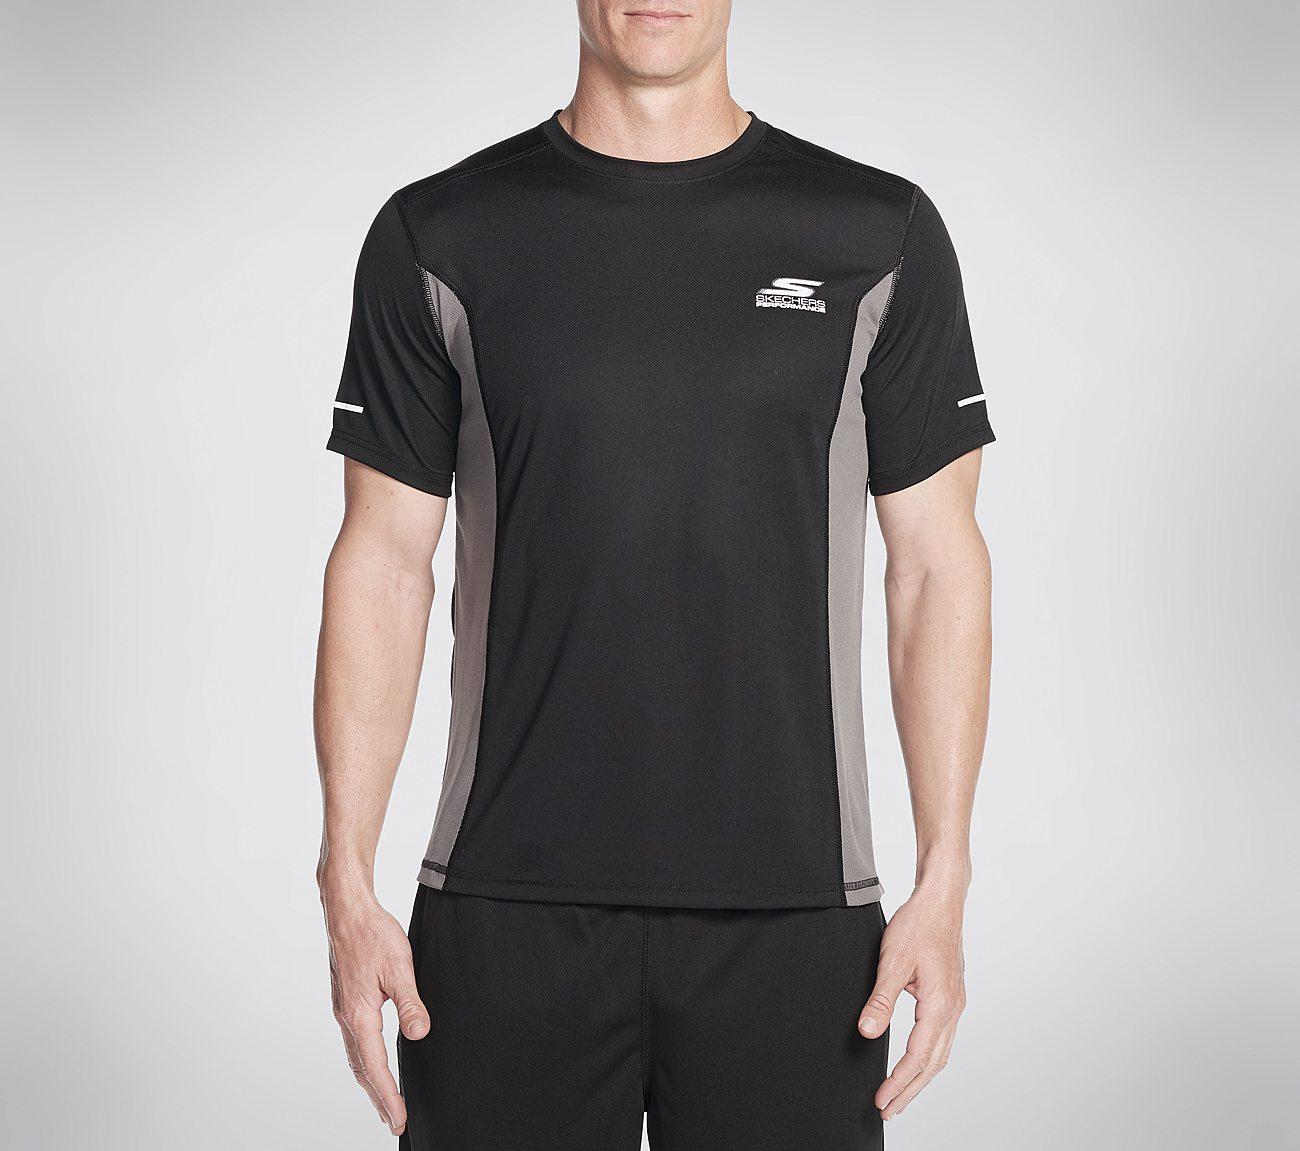 Dash 5K Short Sleeve Tee Shirt